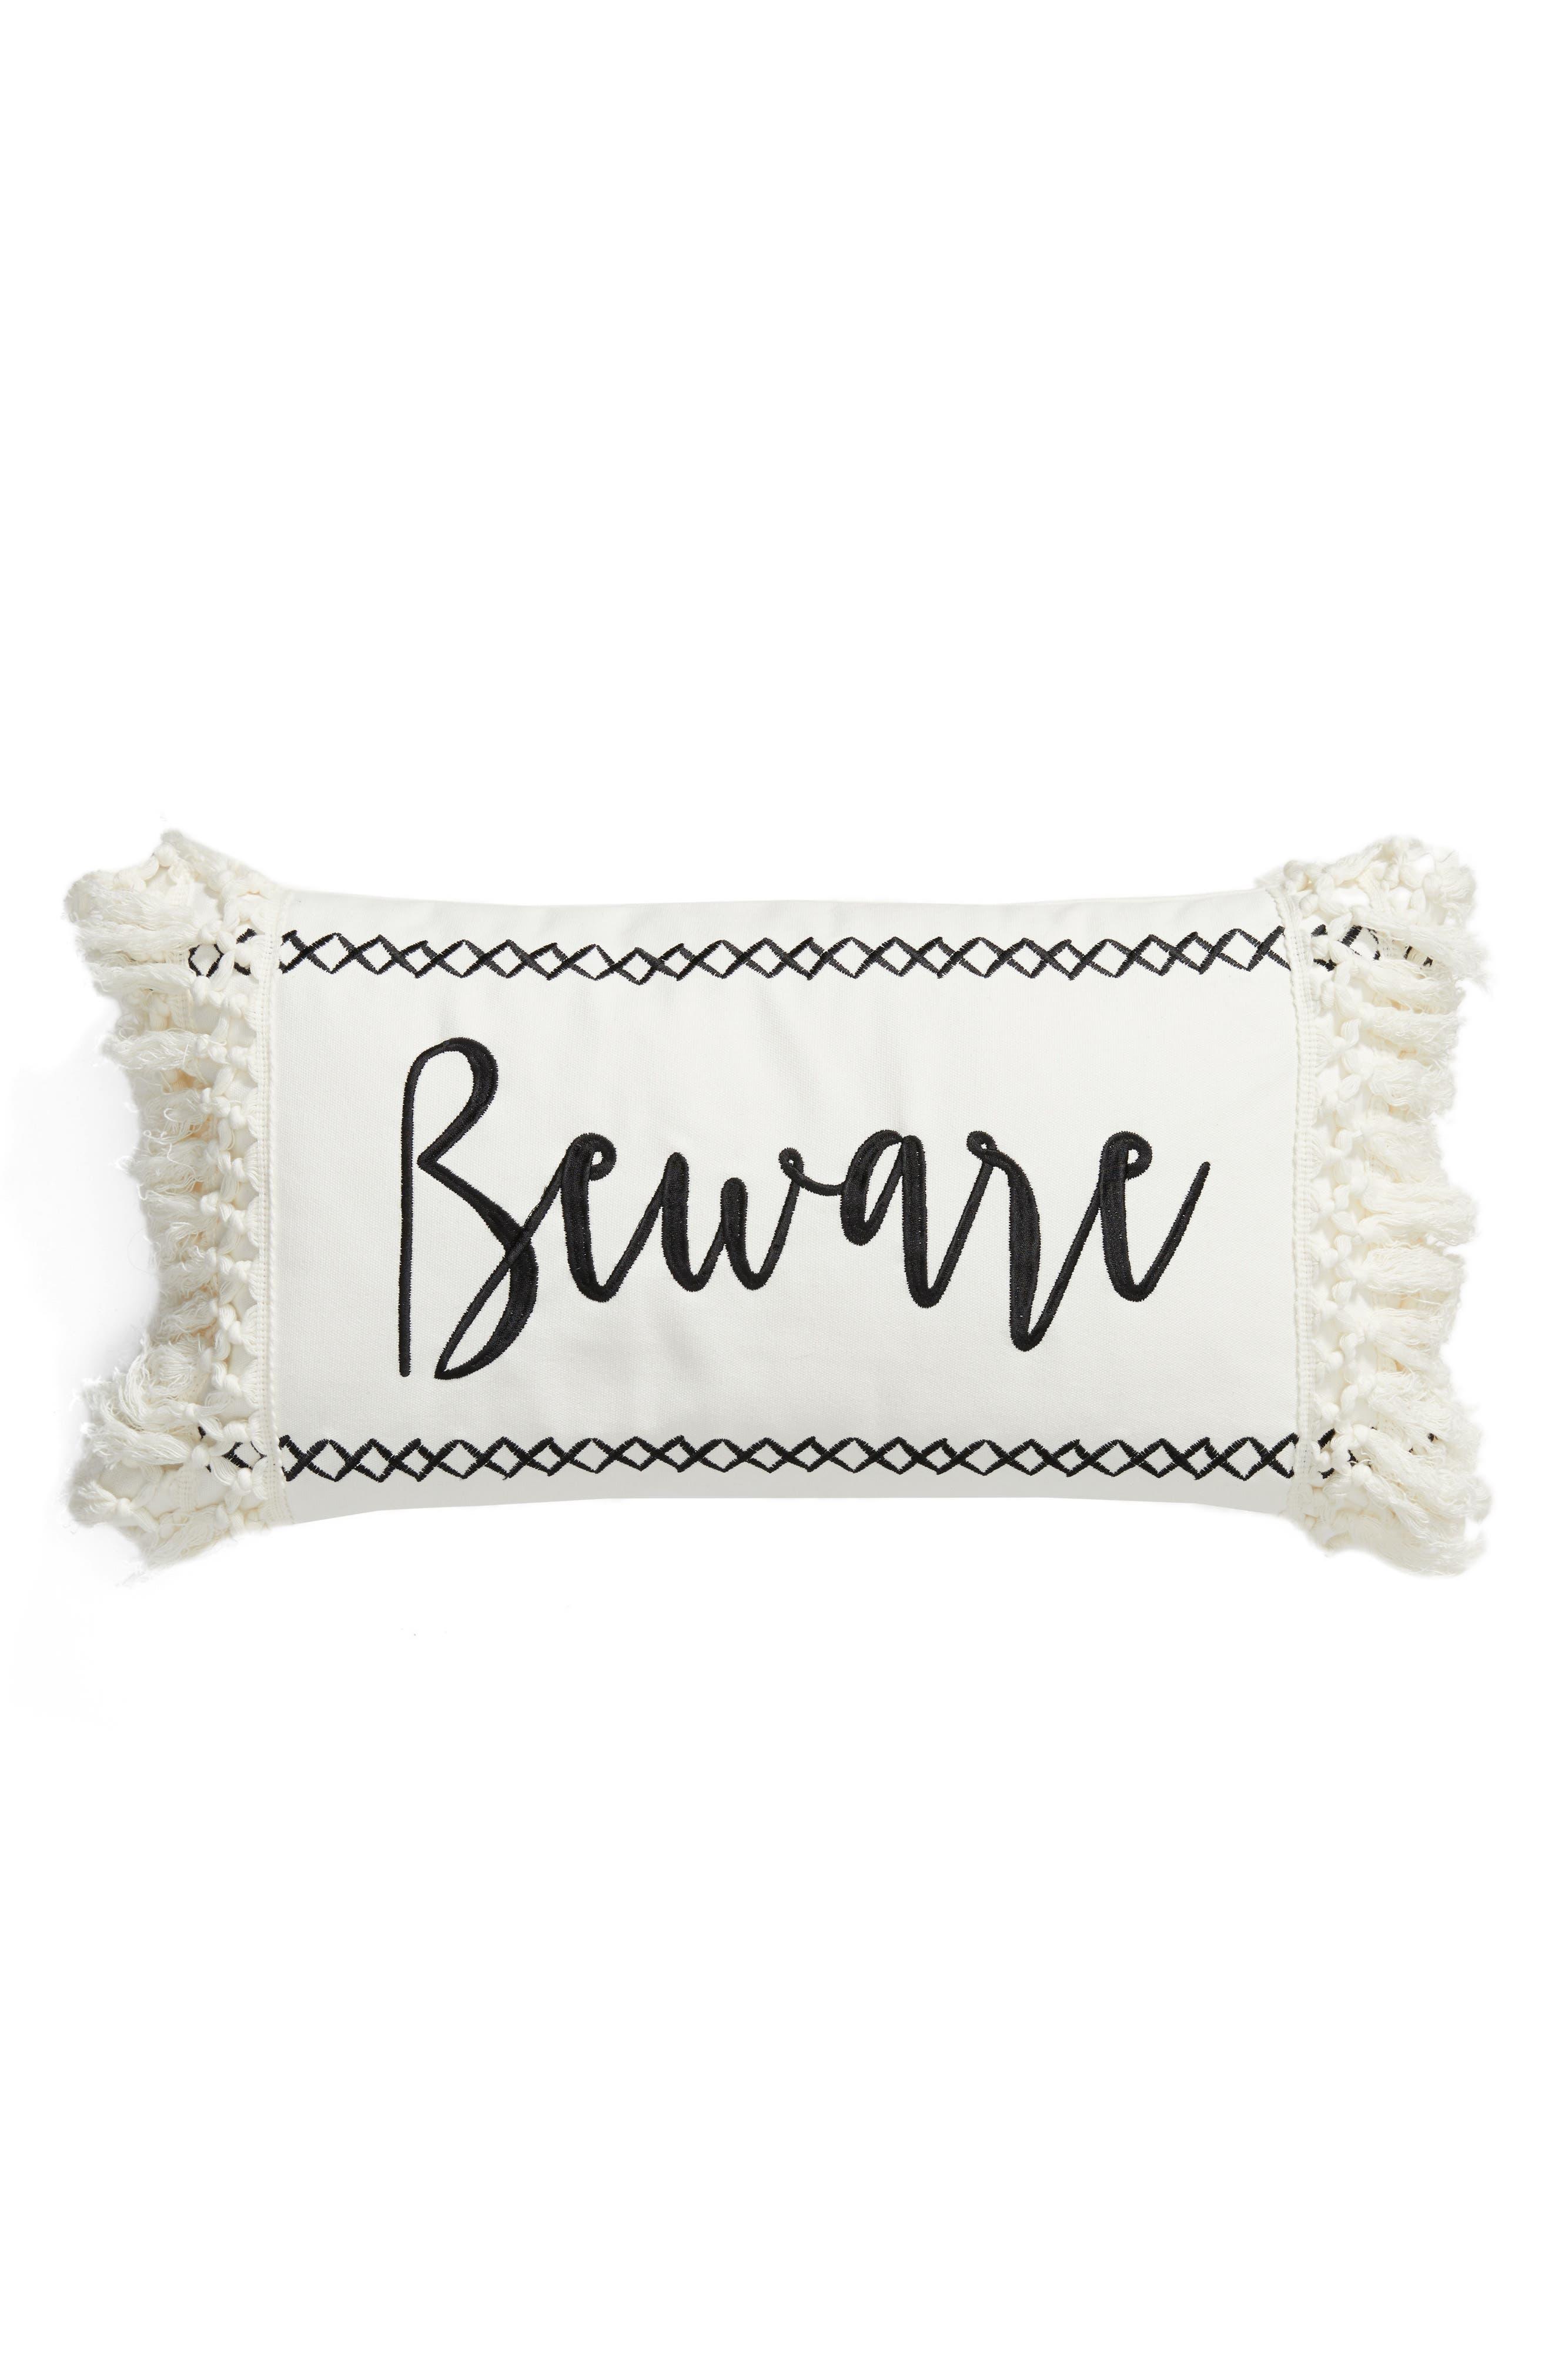 Levtex Beware Accent Pillow